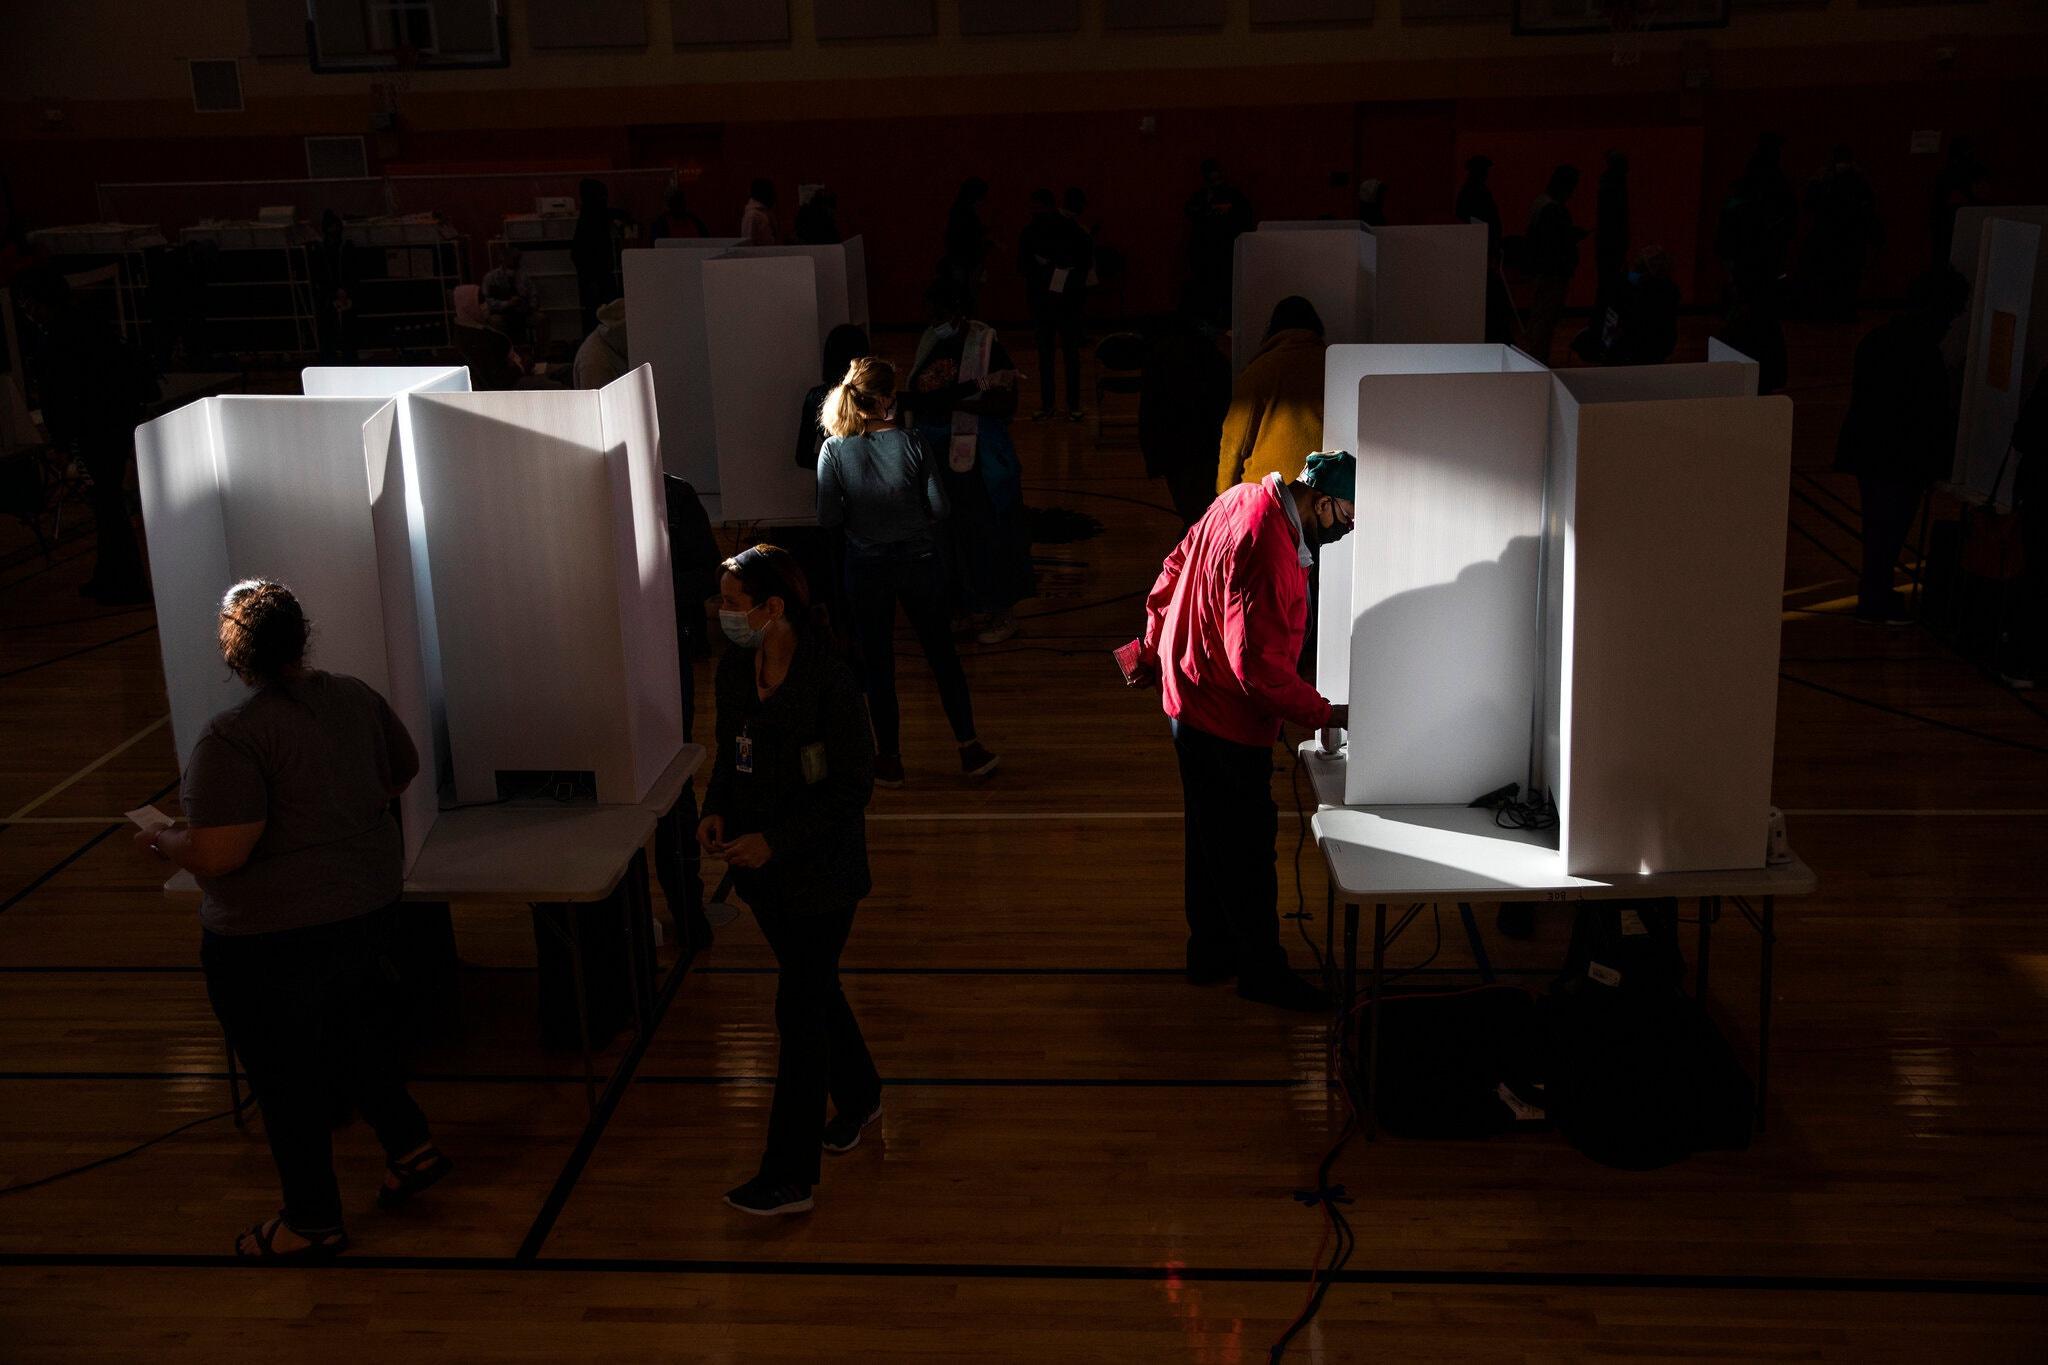 Tỷ lệ người dân phản hồi thăm dò dân ý ở Mỹ có xu hướng giảm. Ảnh: New York Times.